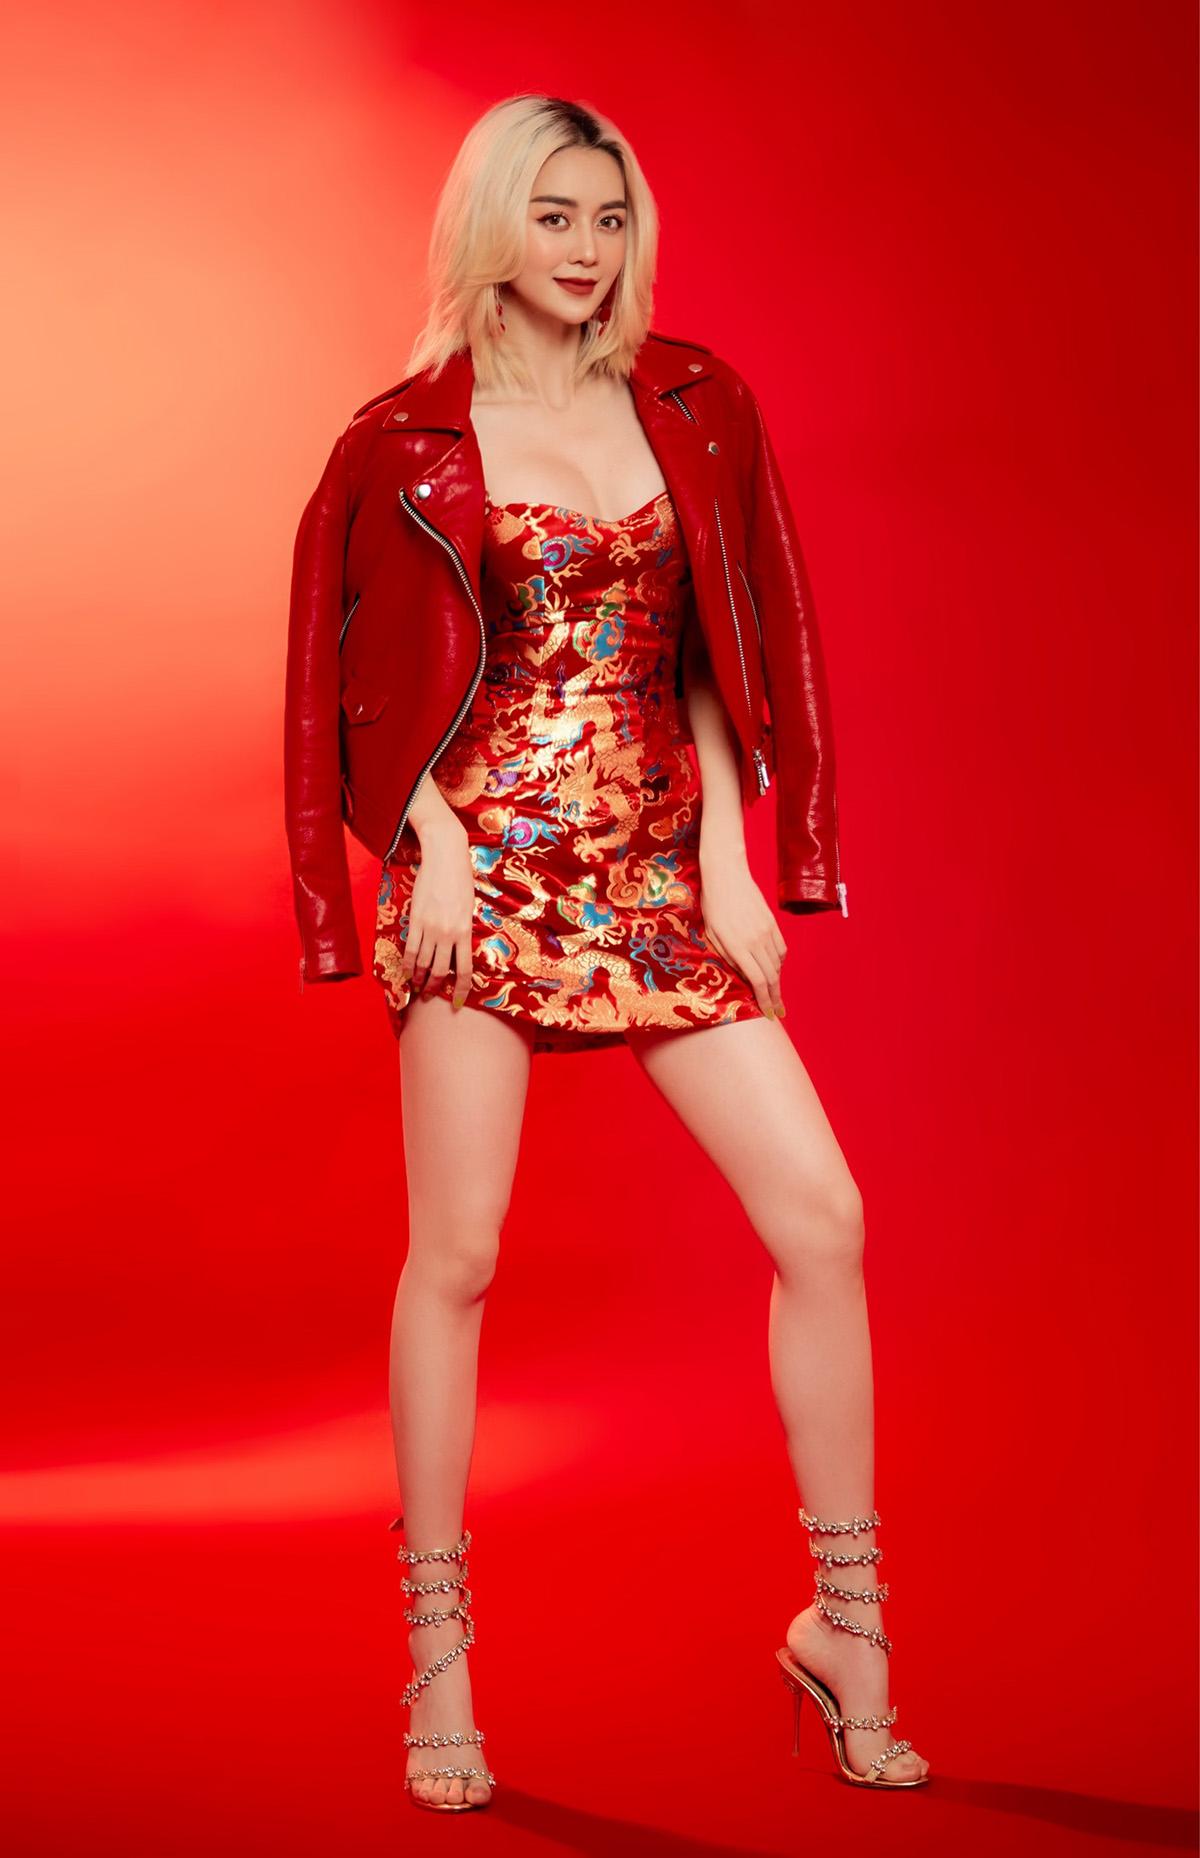 Phối cùng chiếc áo khoác da màu đỏ, giày cao gót thời trang, Thiều Bảo Trang hoàn toàn thu hút người đối diện. Làn da trắng sứ và tông trang điểm tinh tế giúp cô càng tỏa sáng hơn trong từng shoot hình.